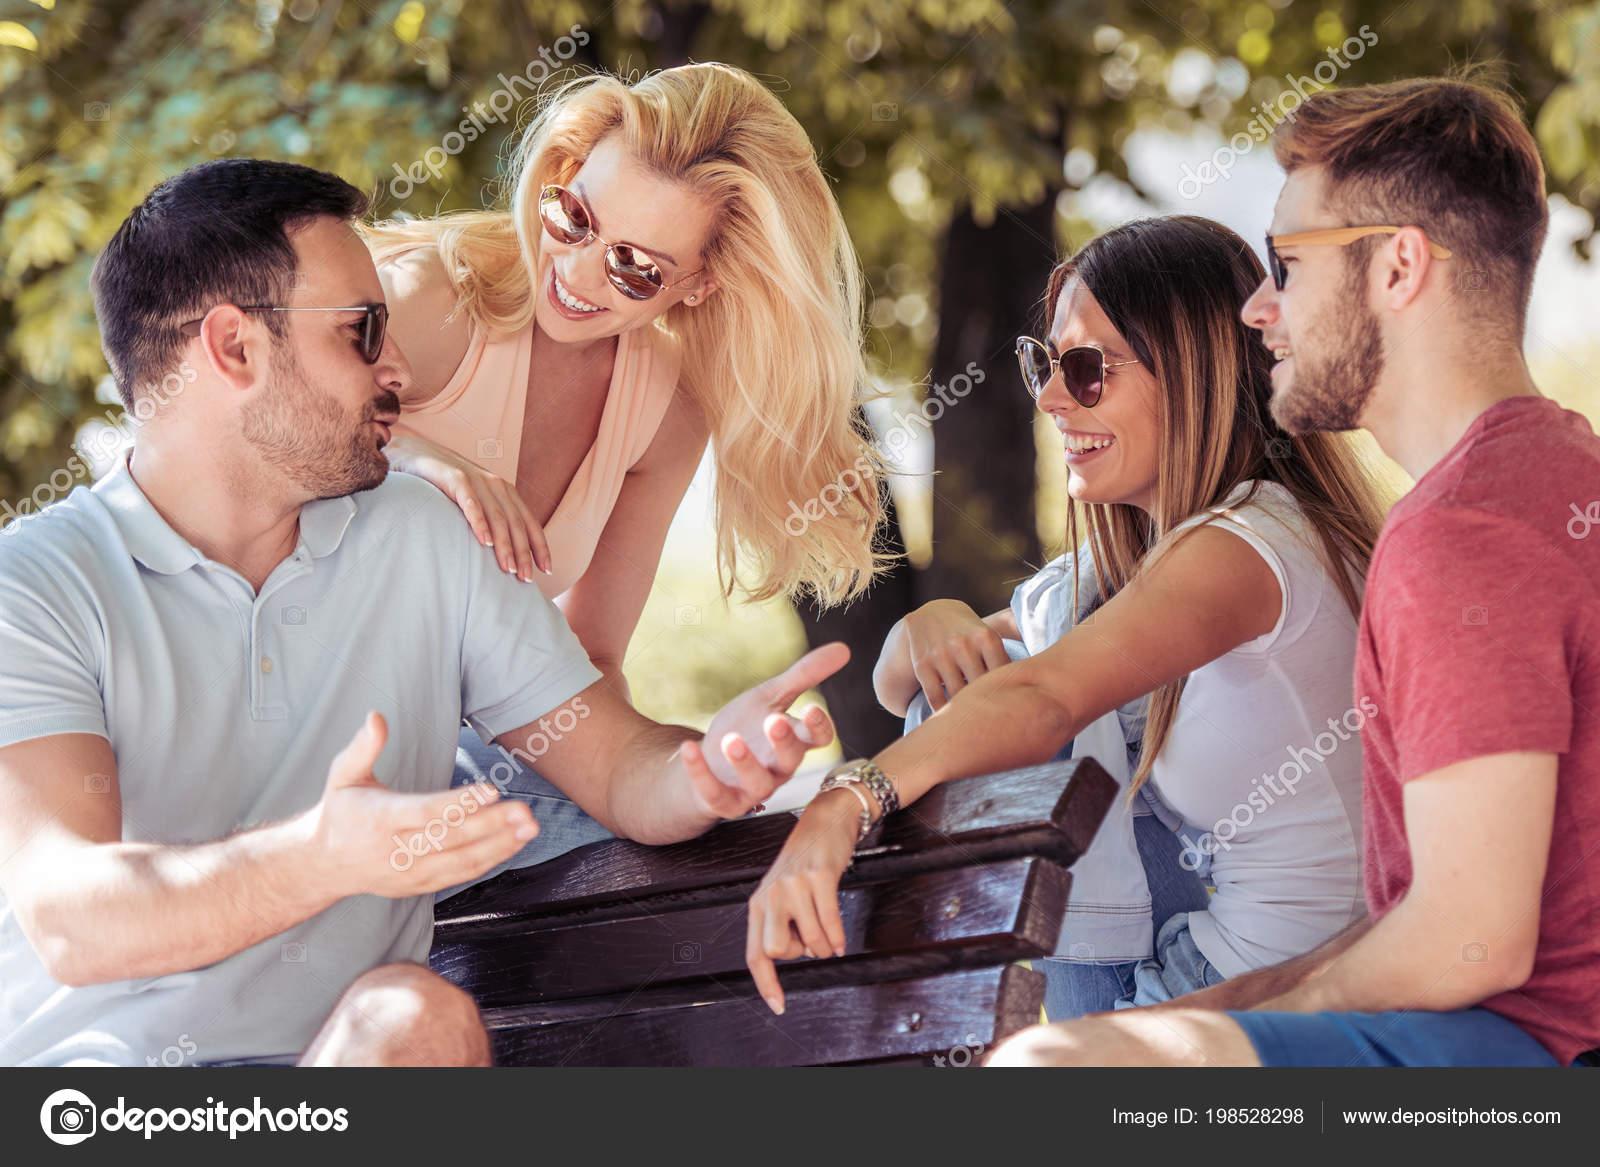 vrienden voor dating Christian Speed Dating 757